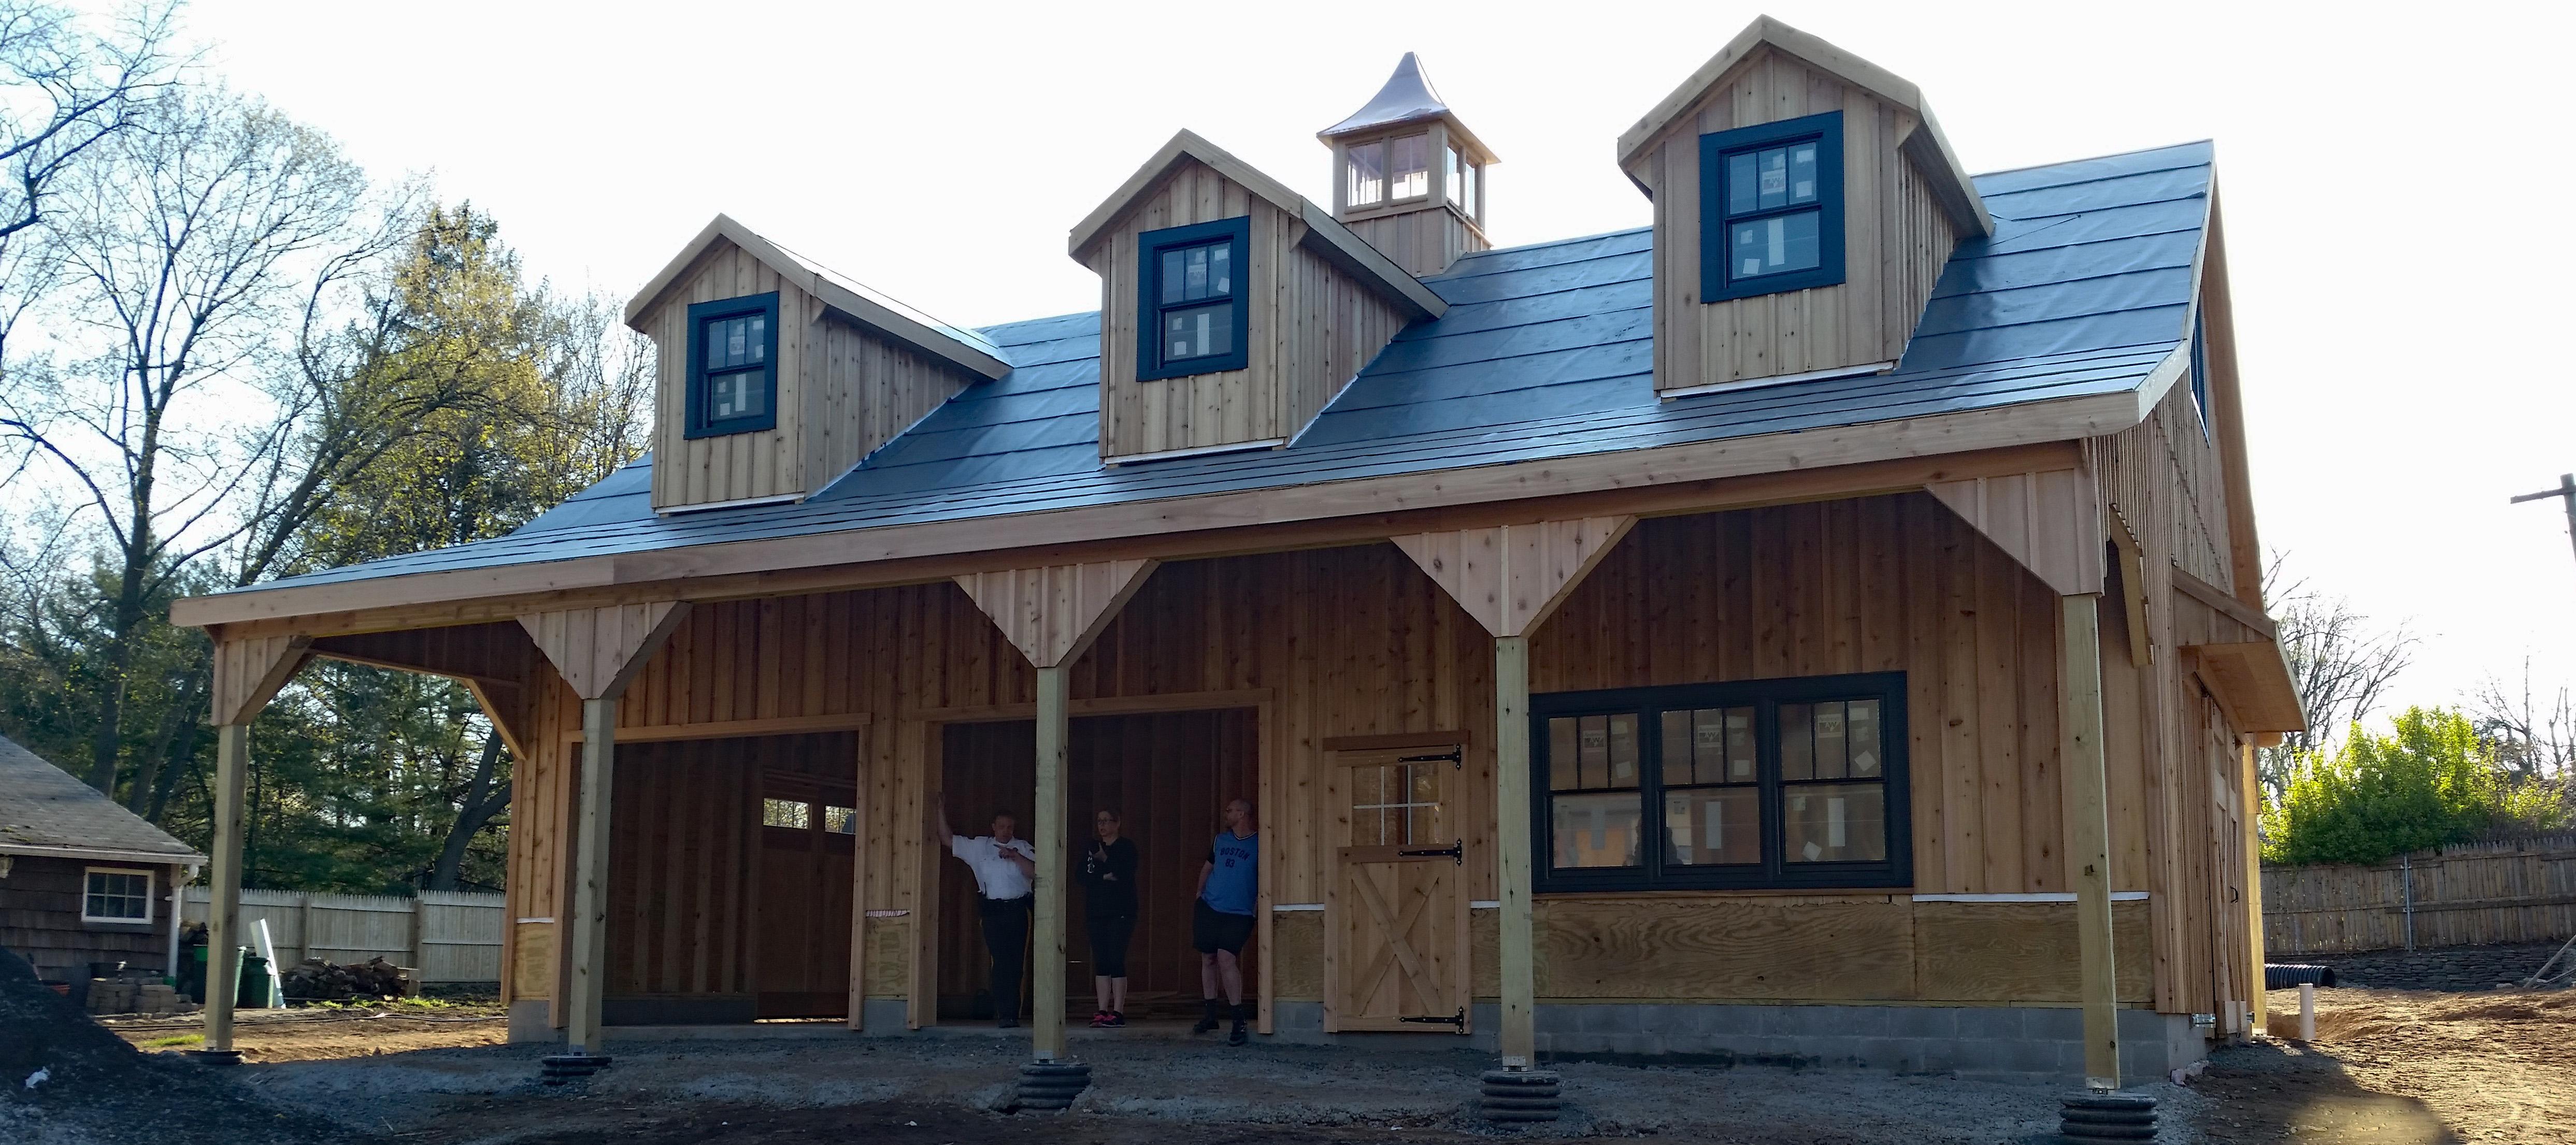 Wooden Garage With Loft Novocom Top